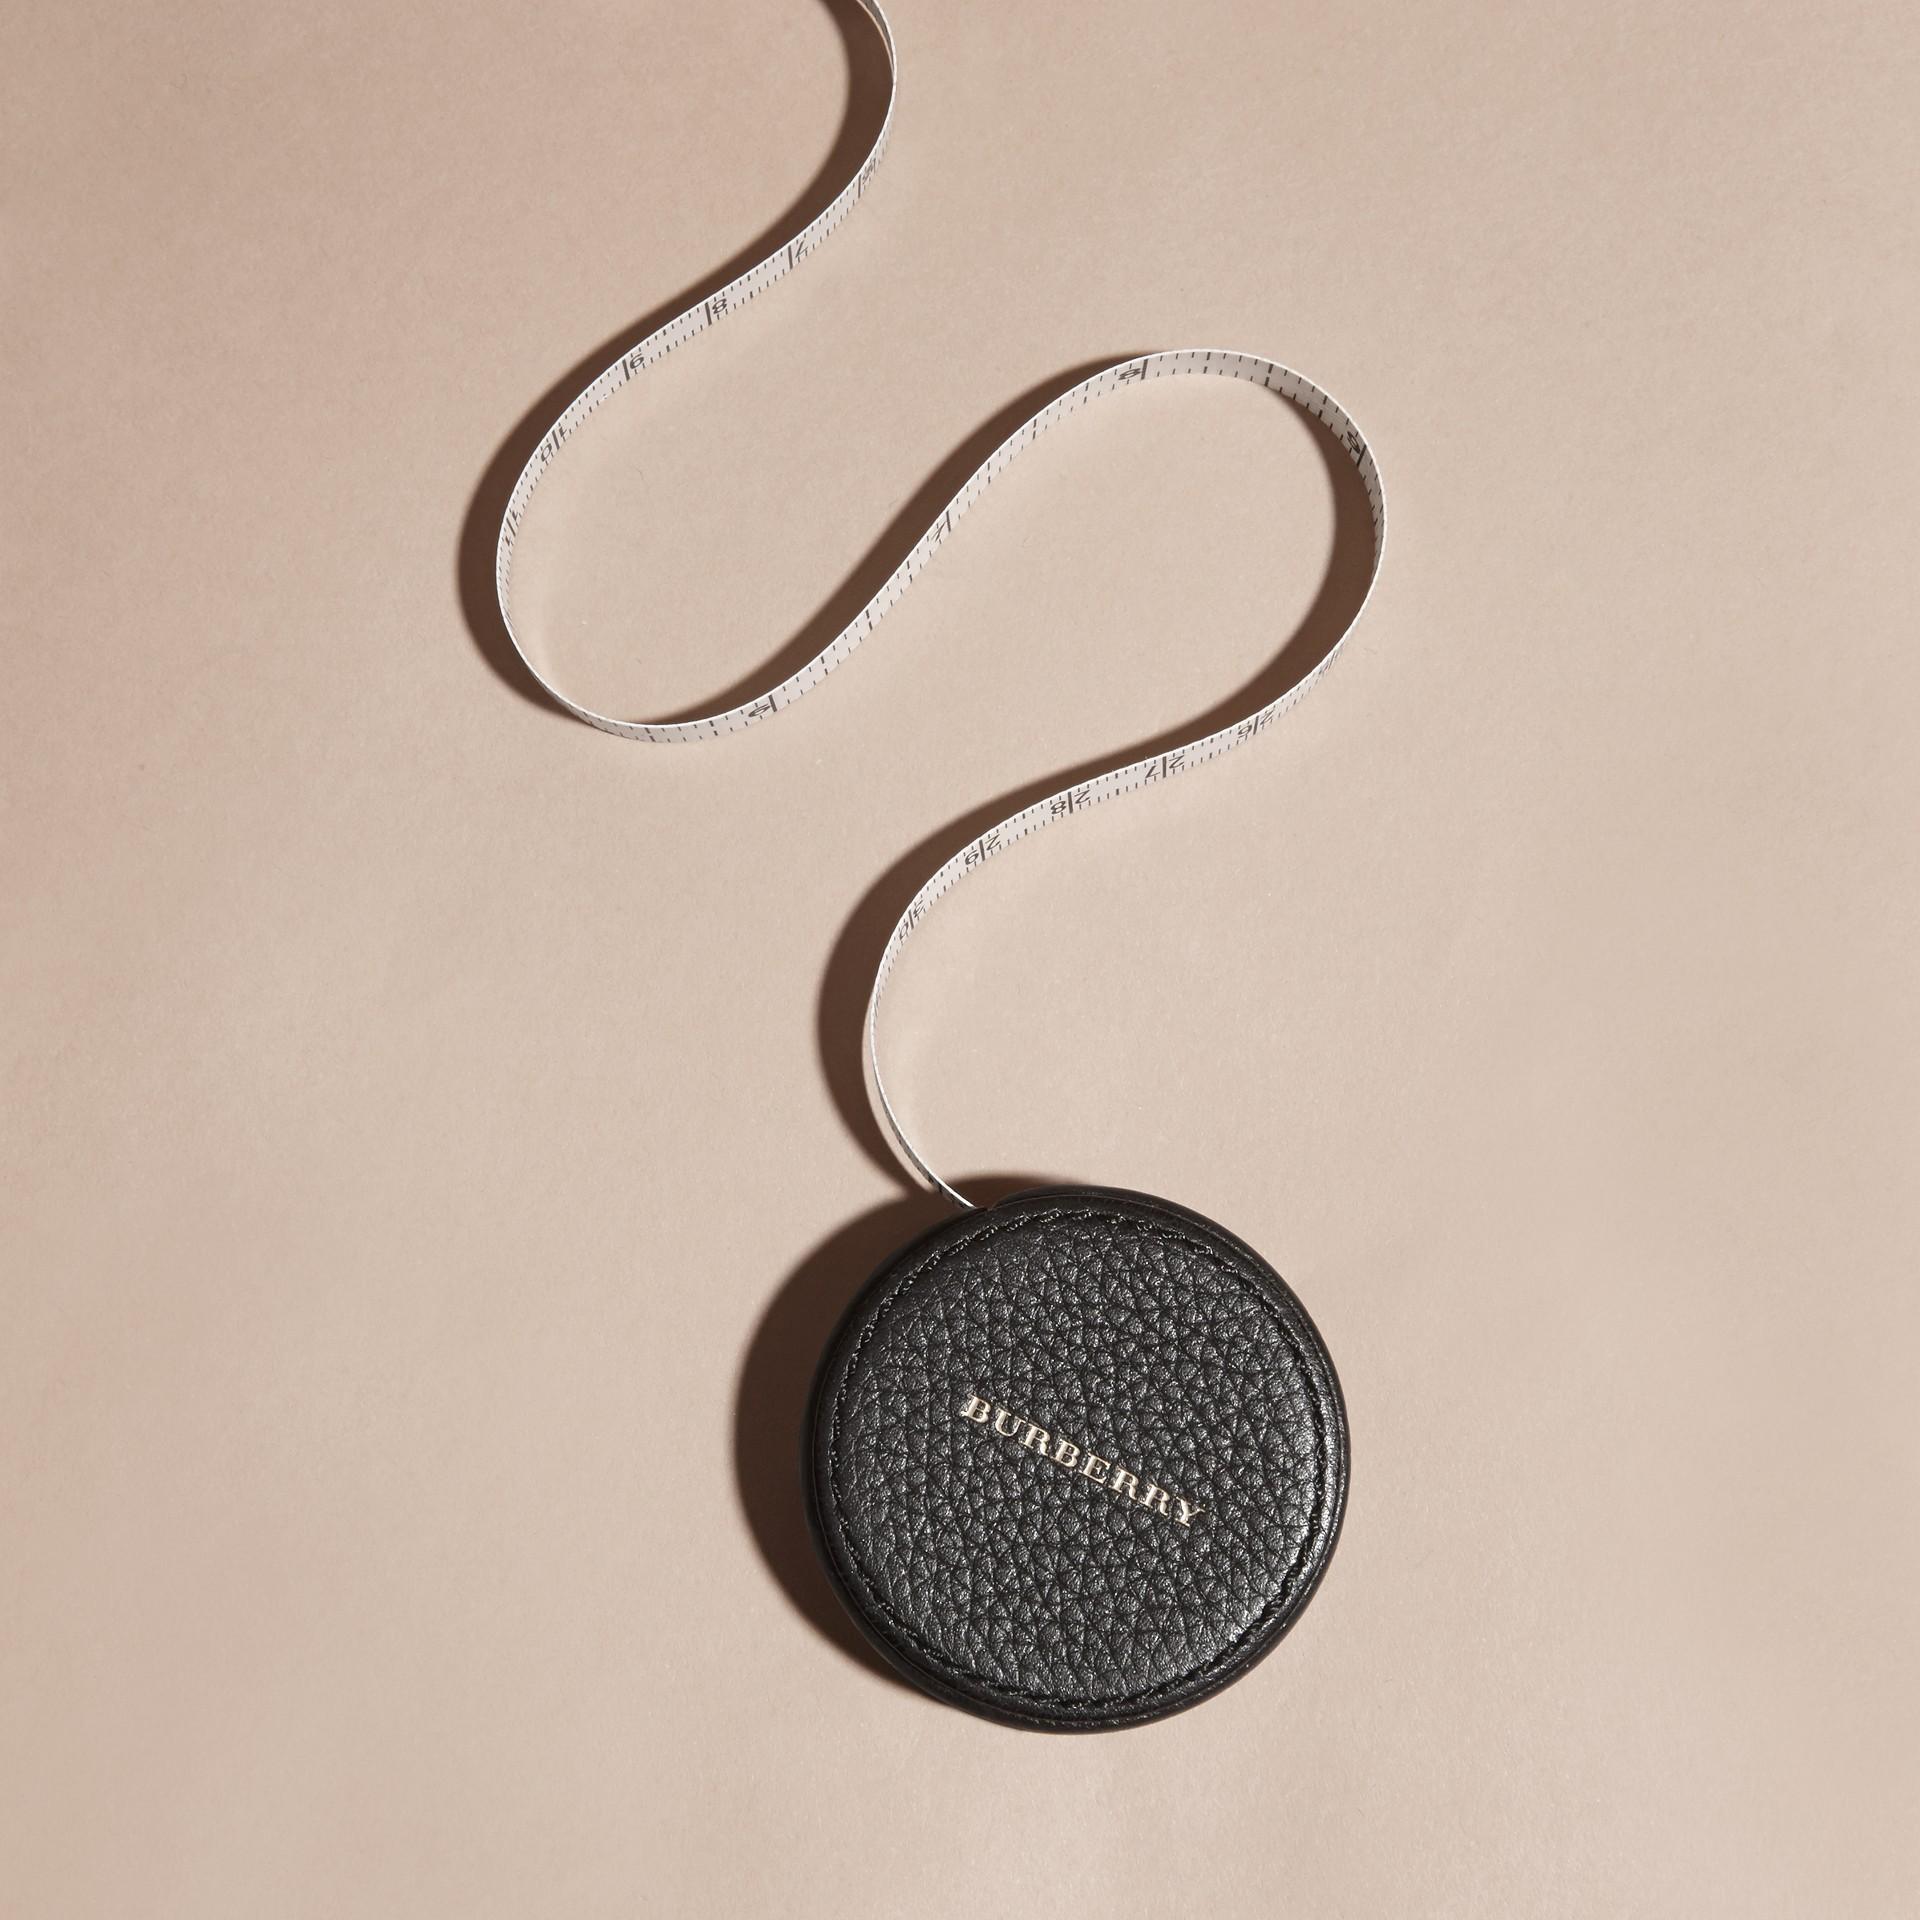 Preto Fita métrica com estojo de couro granulado - galeria de imagens 3